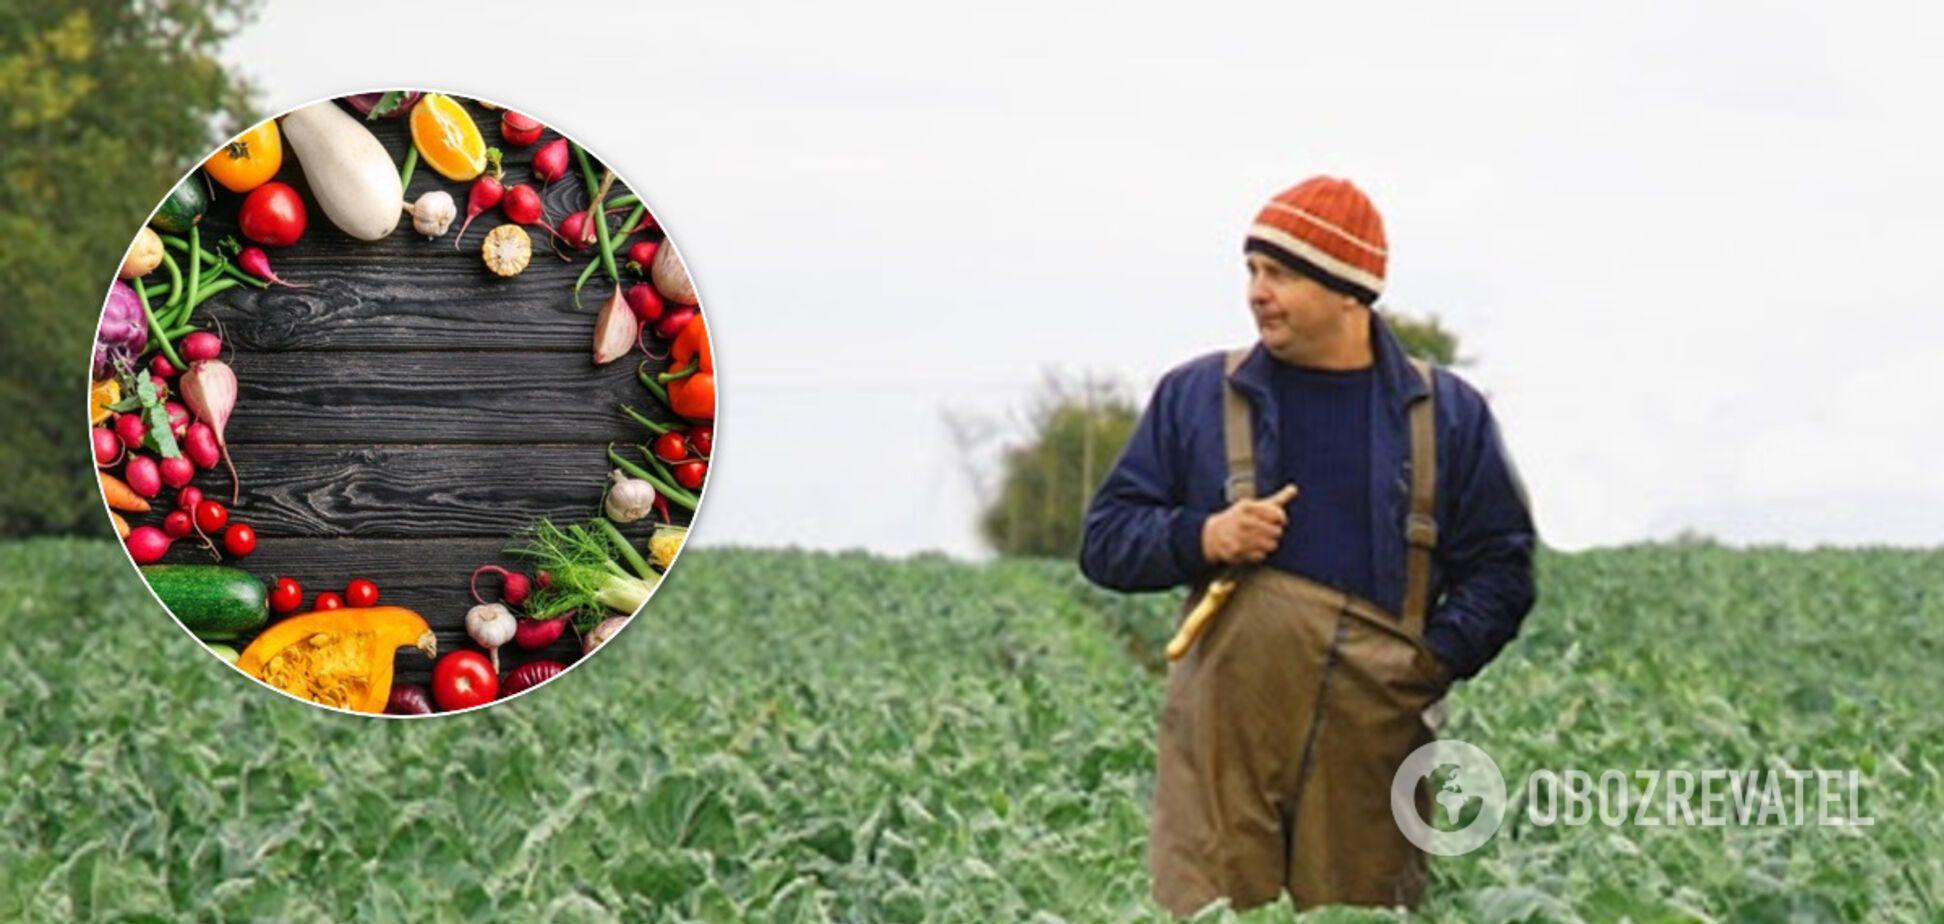 Фермеры смогут продавать свои продукты онлайн: раскрыто идею Кабмина